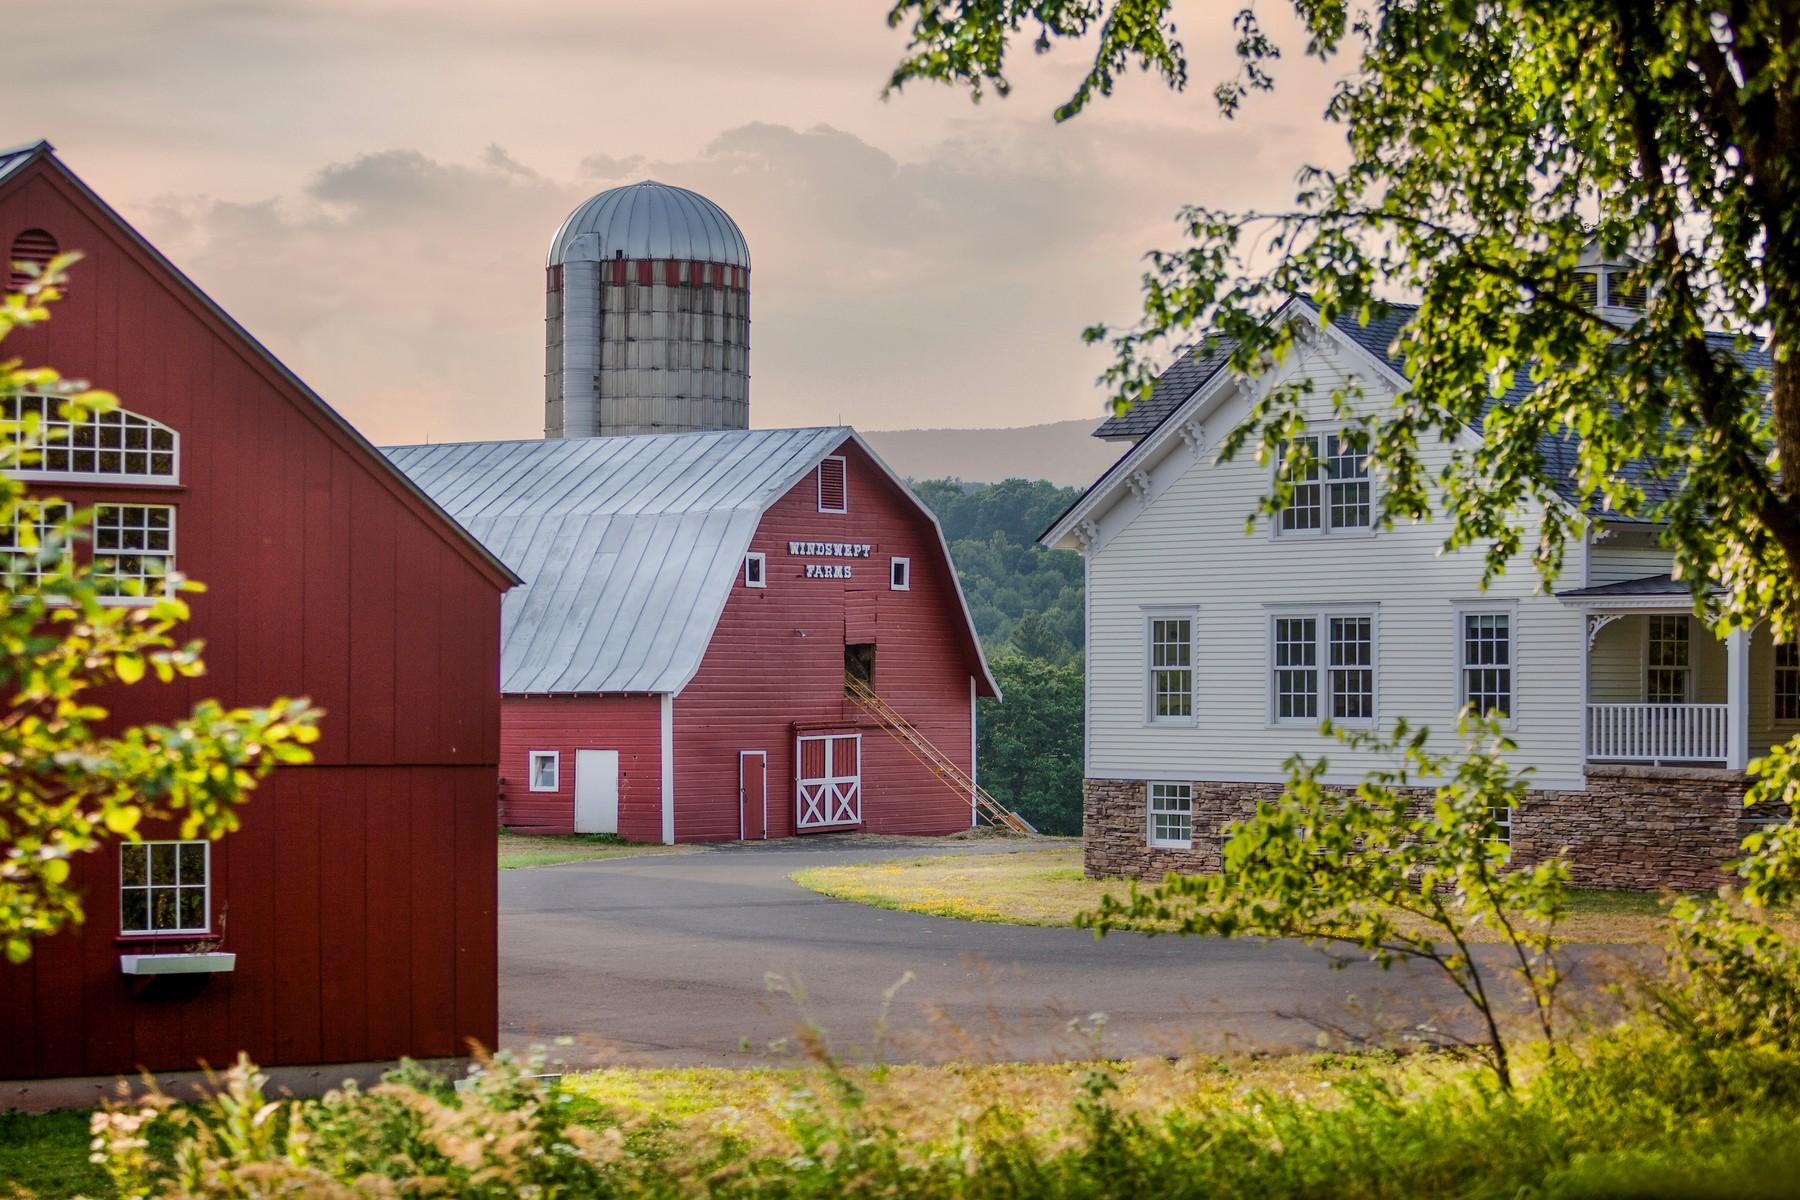 Casa Unifamiliar por un Venta en Windswept Farms in Windham 351 North Settlement Rd. Windham, Nueva York 12496 Estados Unidos